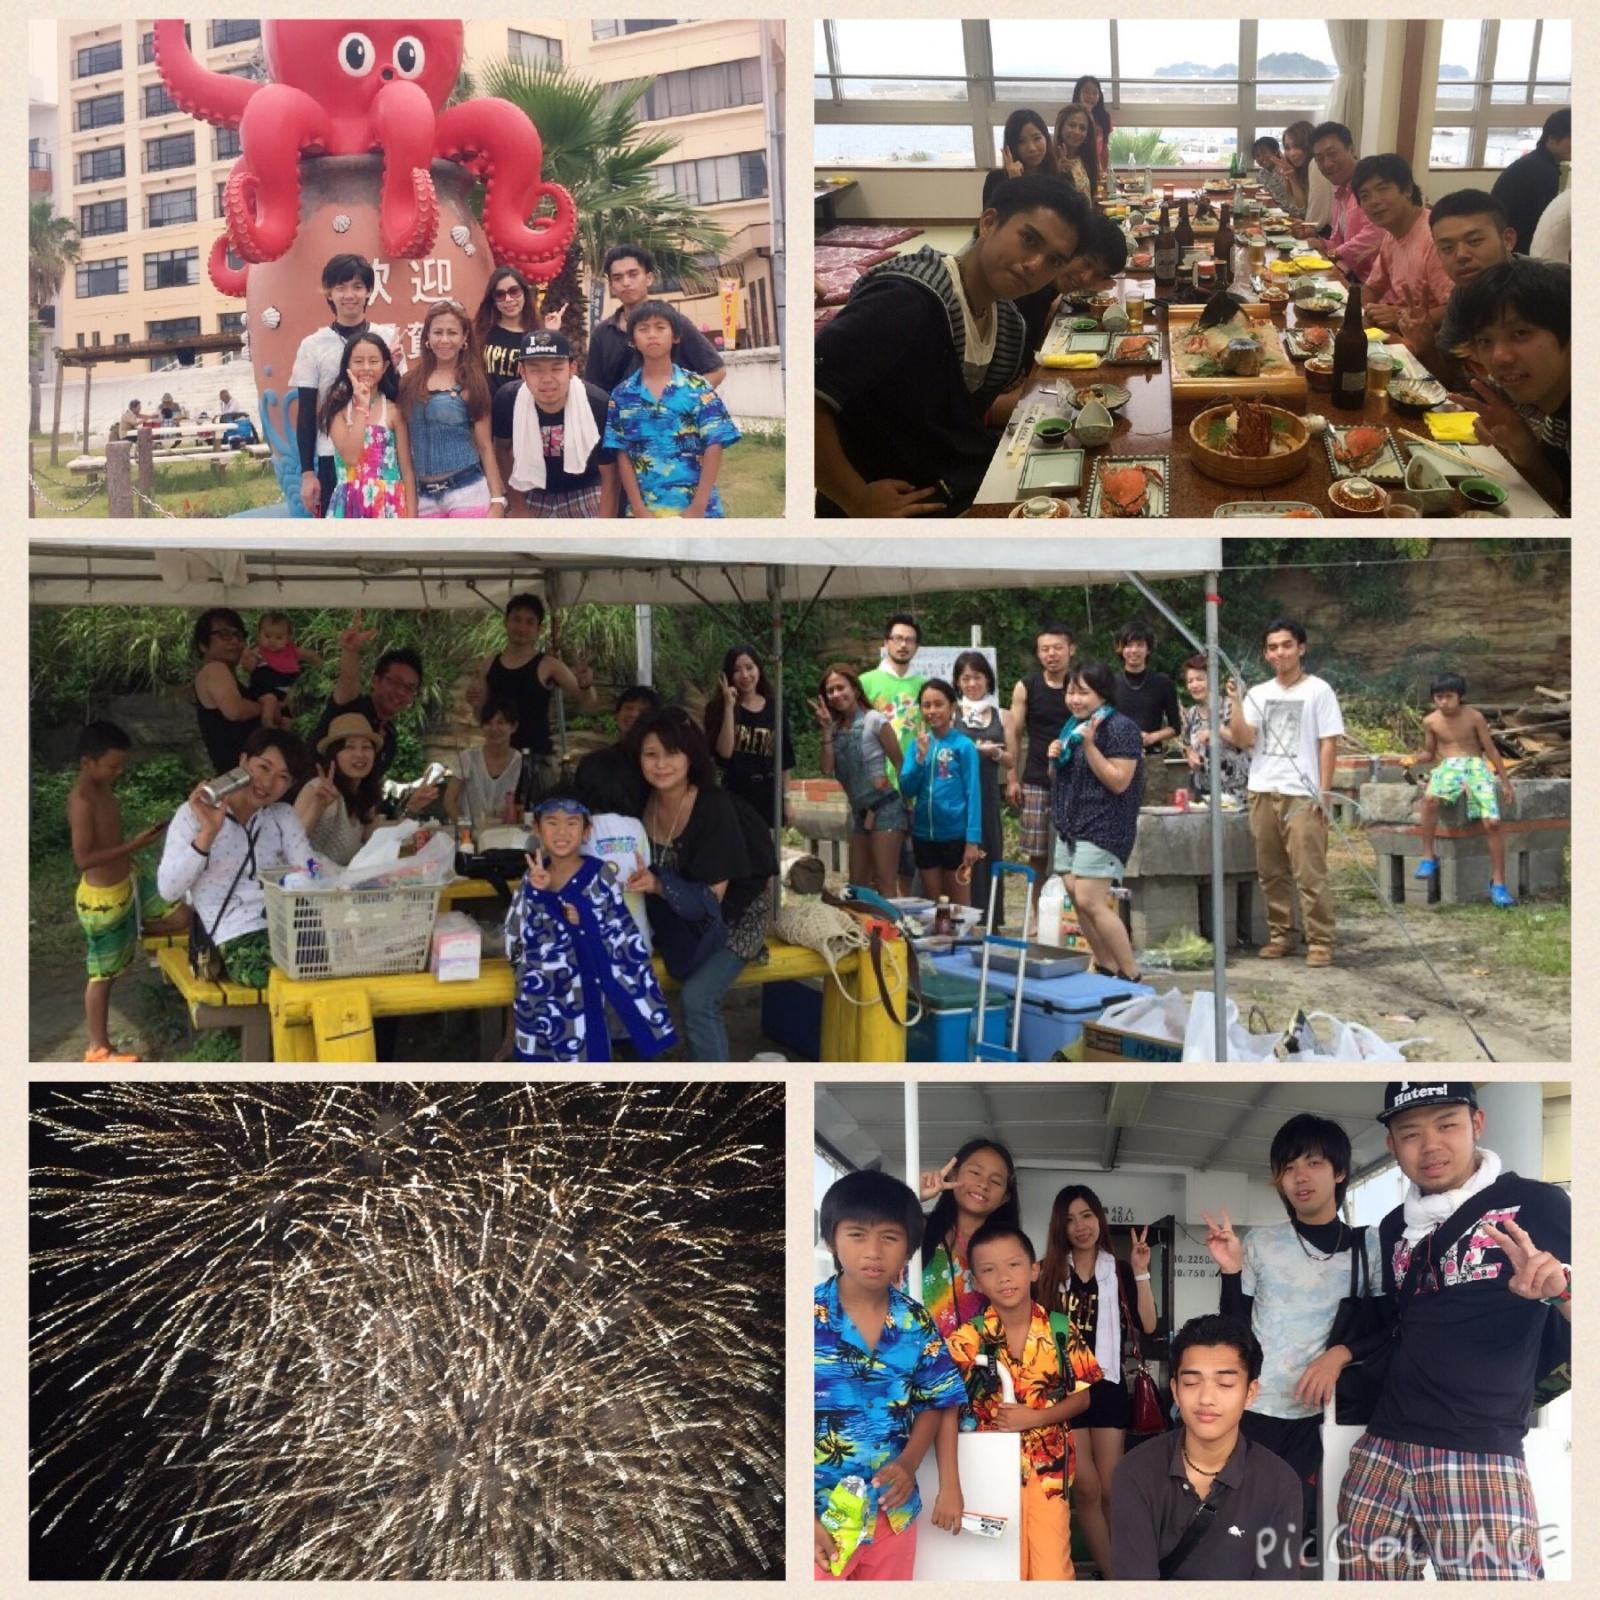 7月11日 日間賀島祇園祭り&花火大会!